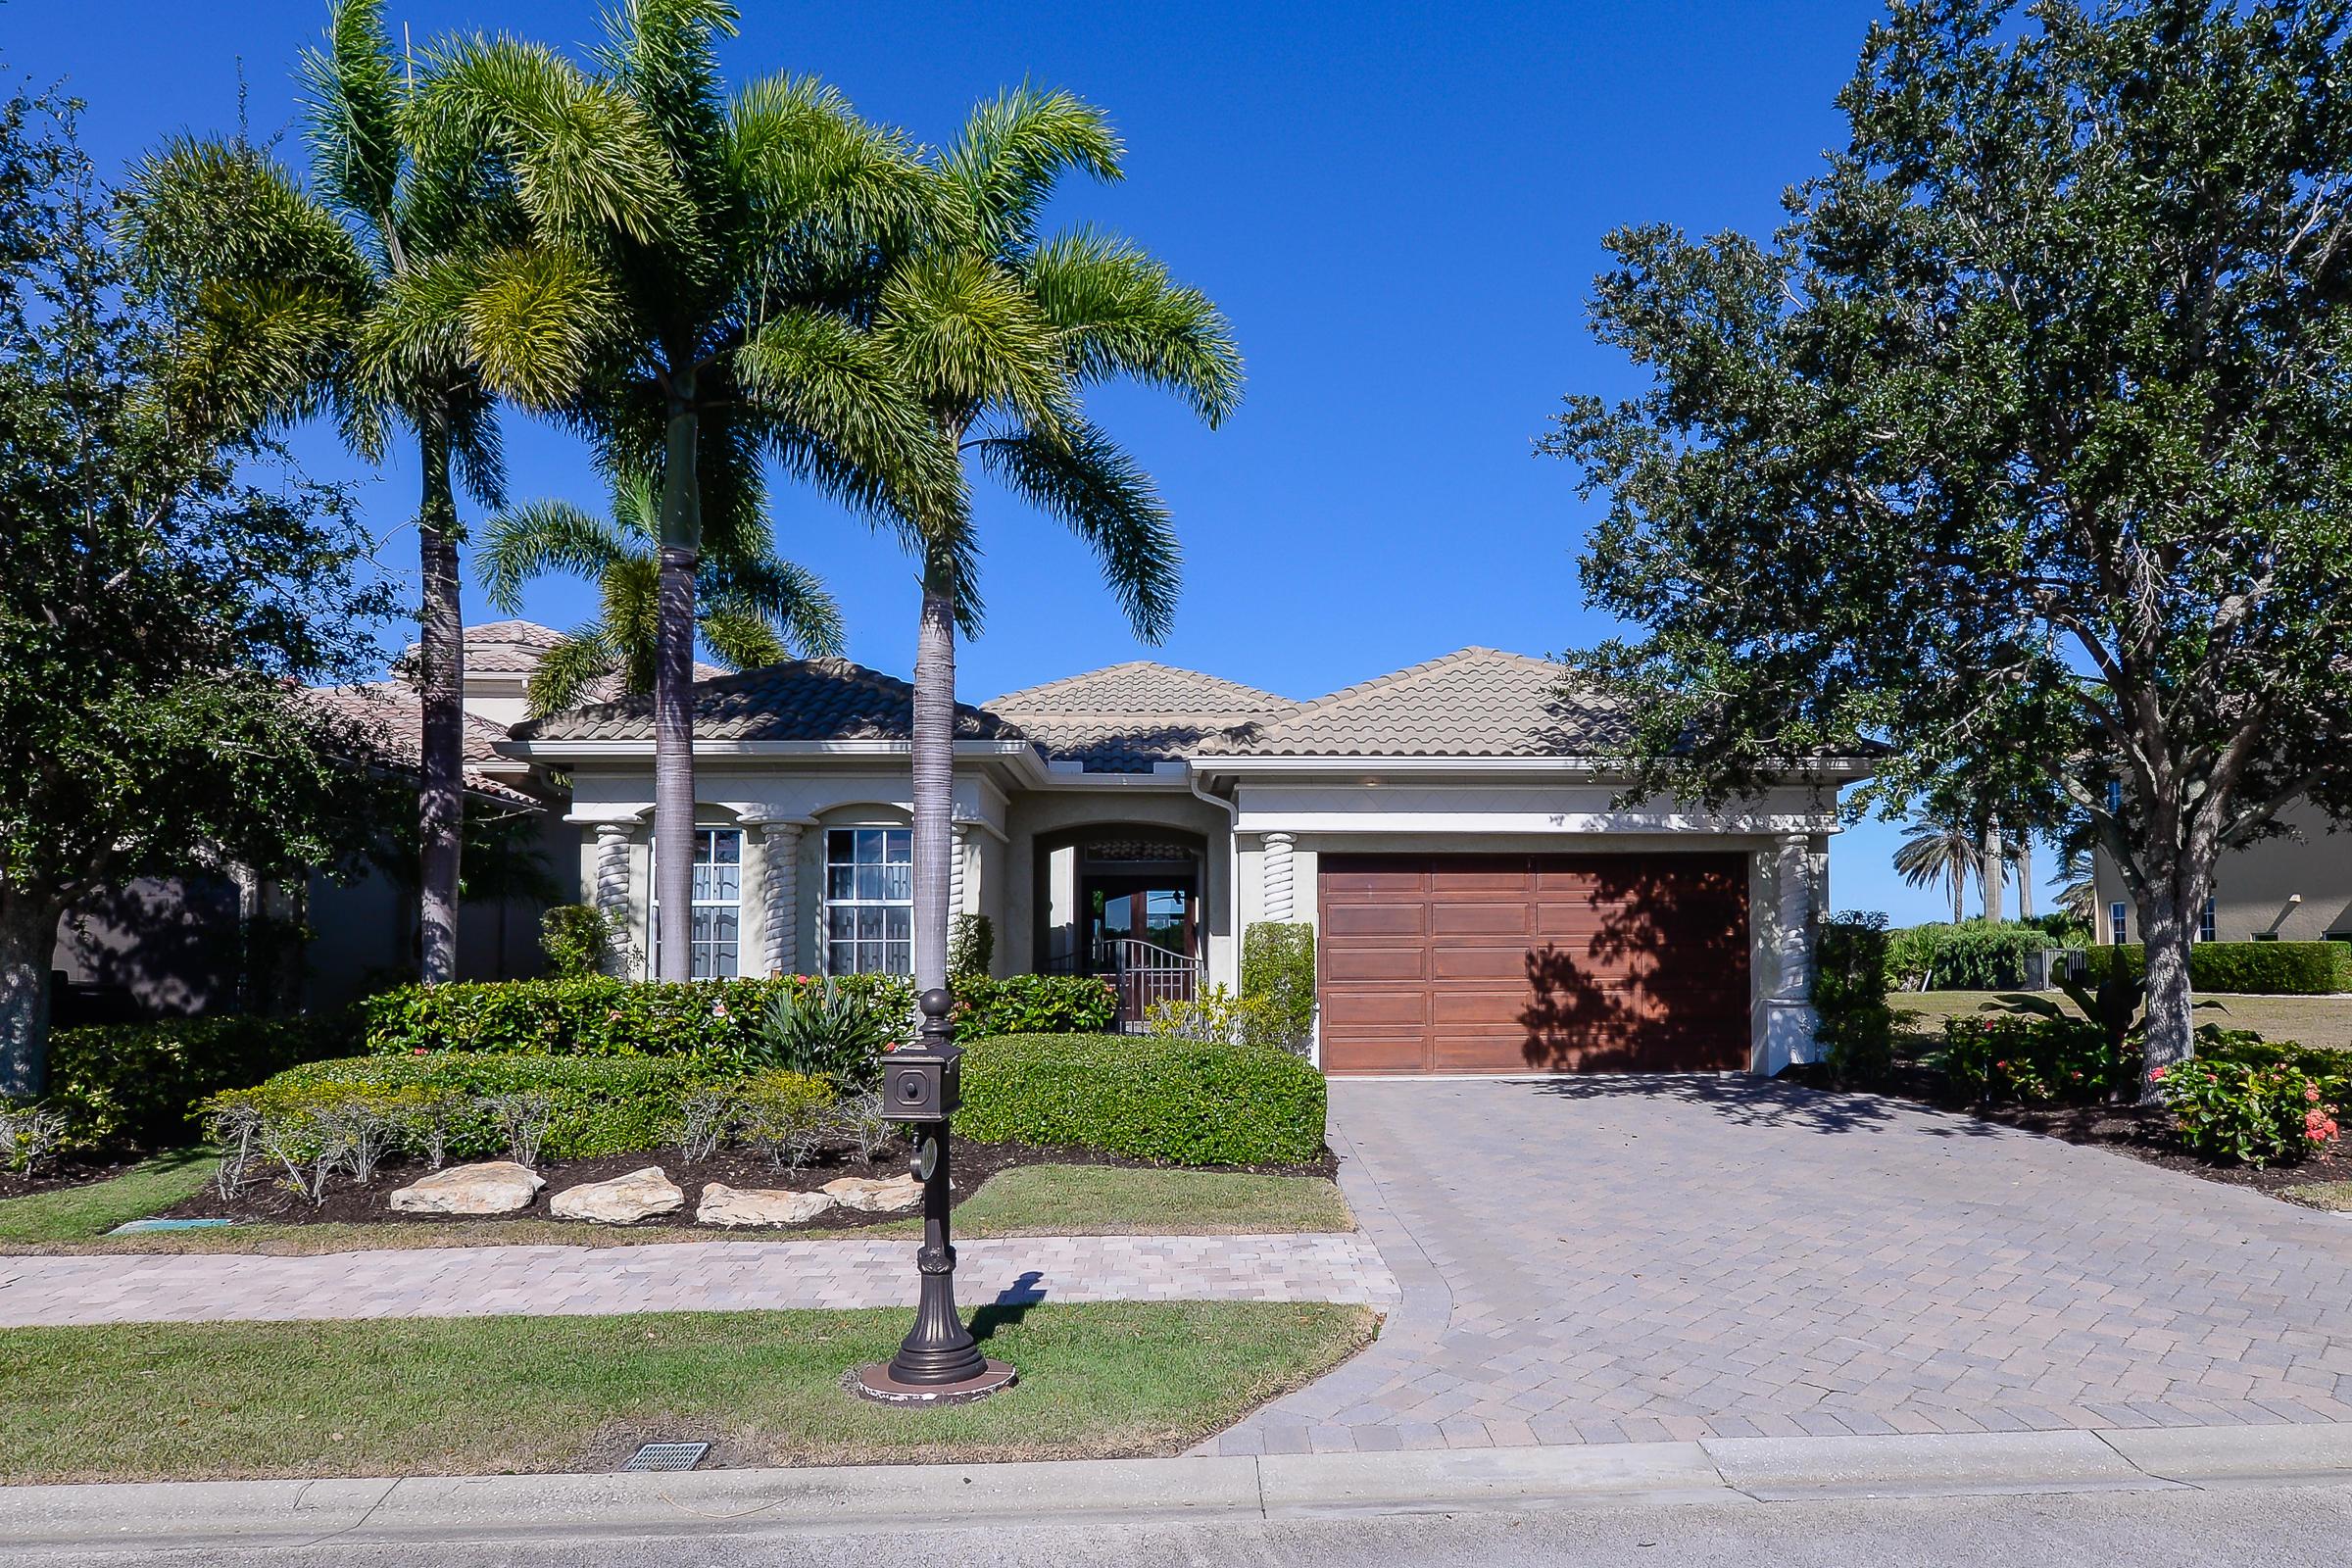 139 Bella Strano, Port Saint Lucie, Florida 34984, 3 Bedrooms Bedrooms, ,4 BathroomsBathrooms,Single Family,For Sale,Bella Strano,RX-10478282